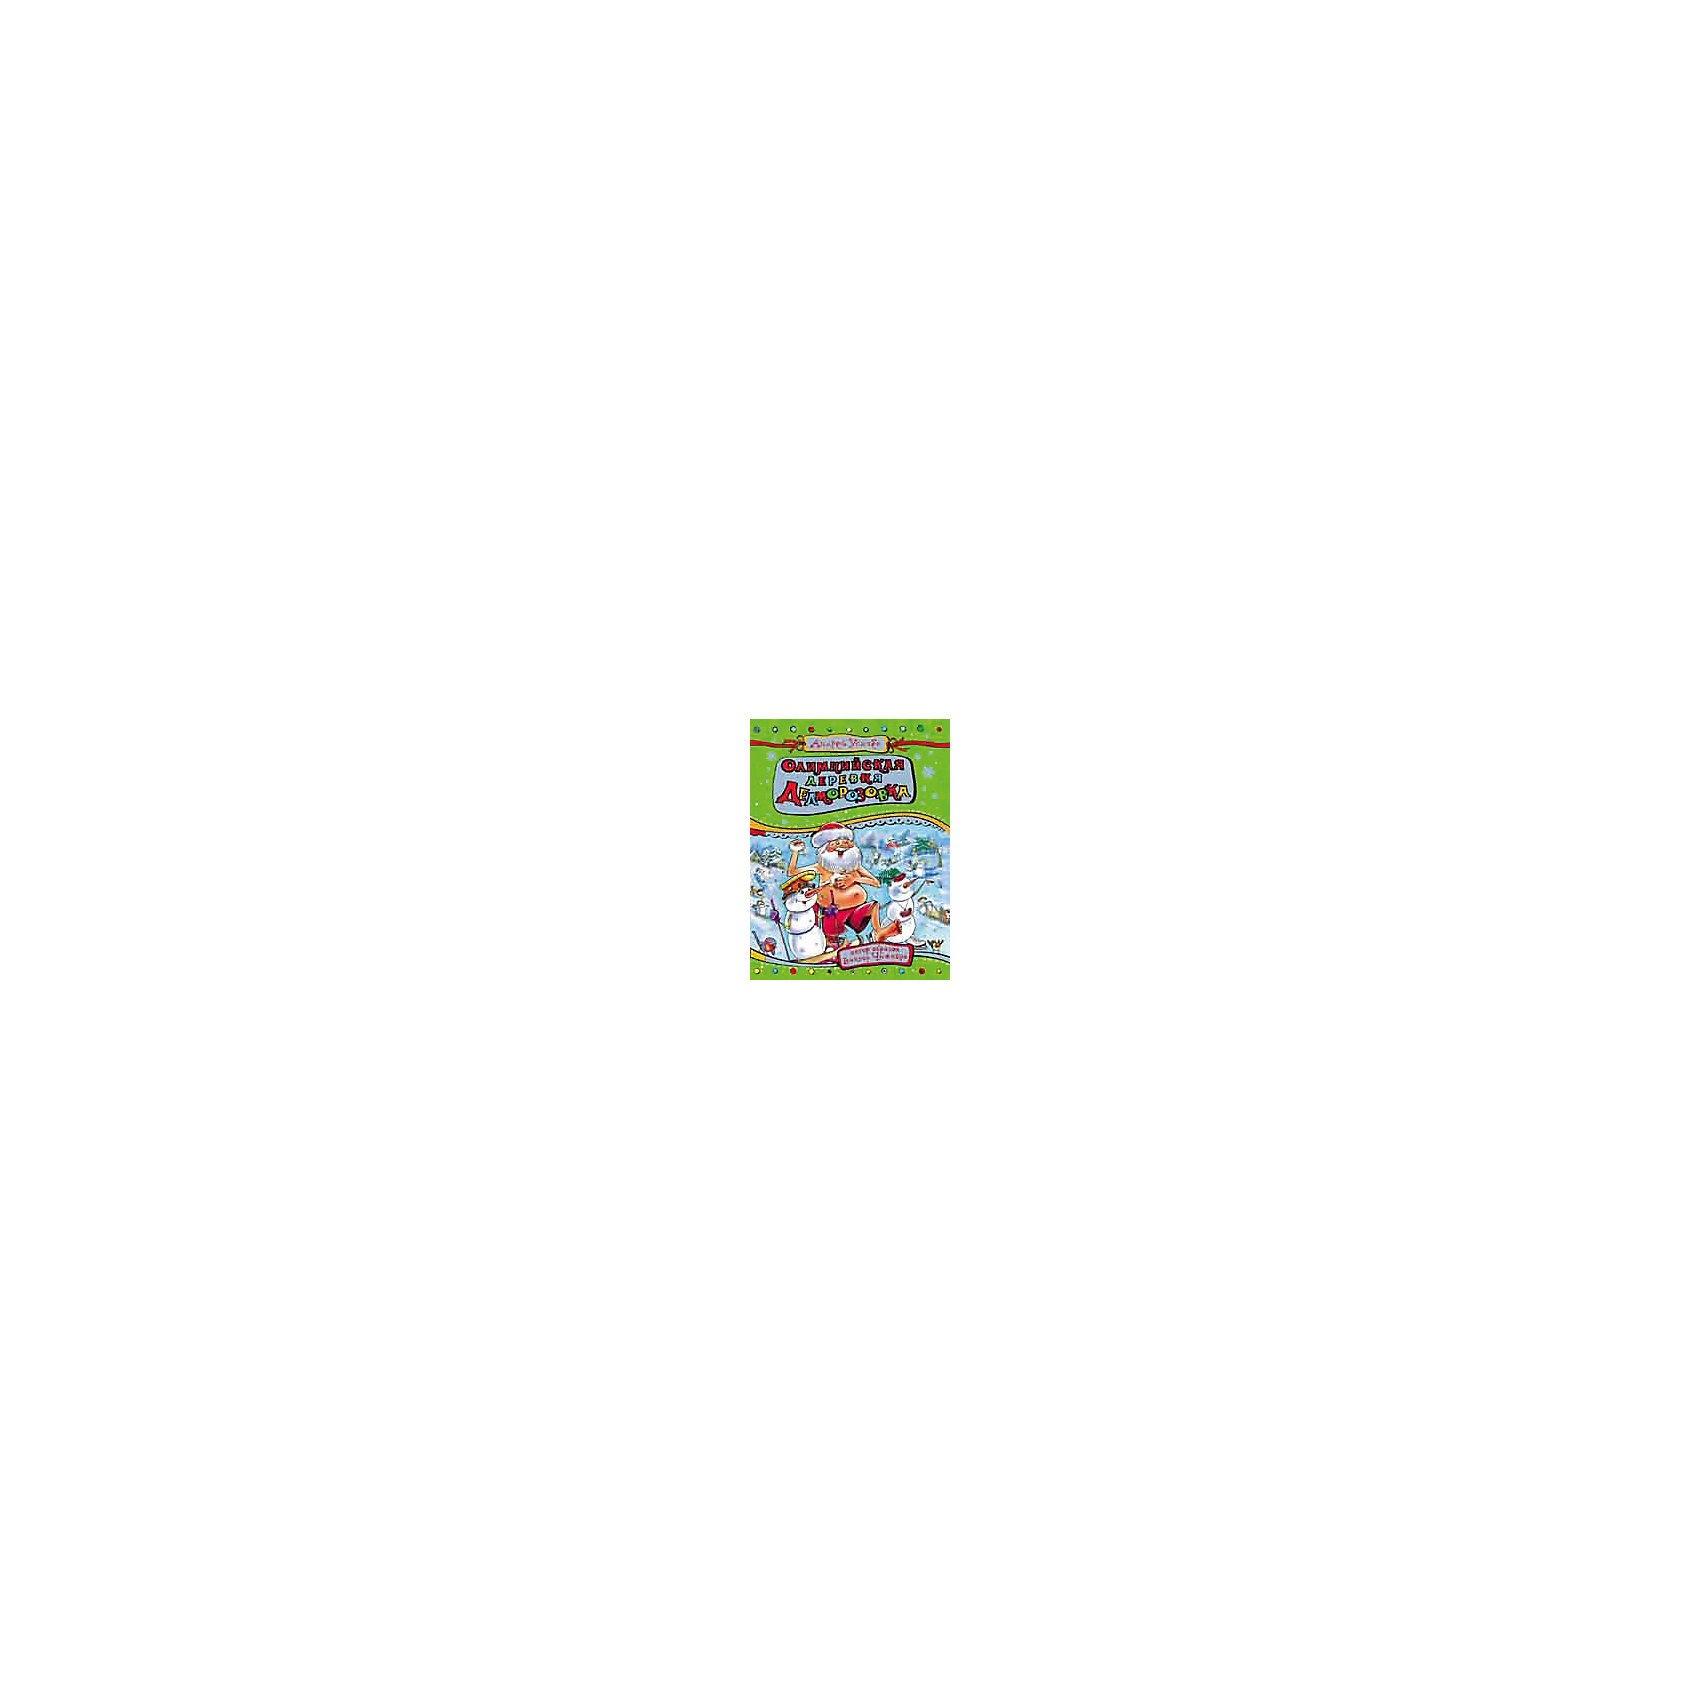 Олимпийская деревня Дедморозовка, А. УсачевКнига о новых приключениях жителей Дедморозовки. Если вы ещё не знаете, то Дедморозовка – это невидимая деревня, которая находится где-то в Архангельской или Вологодской области и где проводят большую часть года Дед Мороз , его внучка Снегурочка и их помощники – озорные снеговики и снегови?чки. В этой книге снеговики решили заняться зимними видами спорта и даже придумали новые, например: фигурное рисование, снегобол и сугробол. А Дедоморозовка стала настоящей Олимпийской деревней.<br><br>Ширина мм: 280<br>Глубина мм: 215<br>Высота мм: 8<br>Вес г: 428<br>Возраст от месяцев: 60<br>Возраст до месяцев: 84<br>Пол: Унисекс<br>Возраст: Детский<br>SKU: 5016312